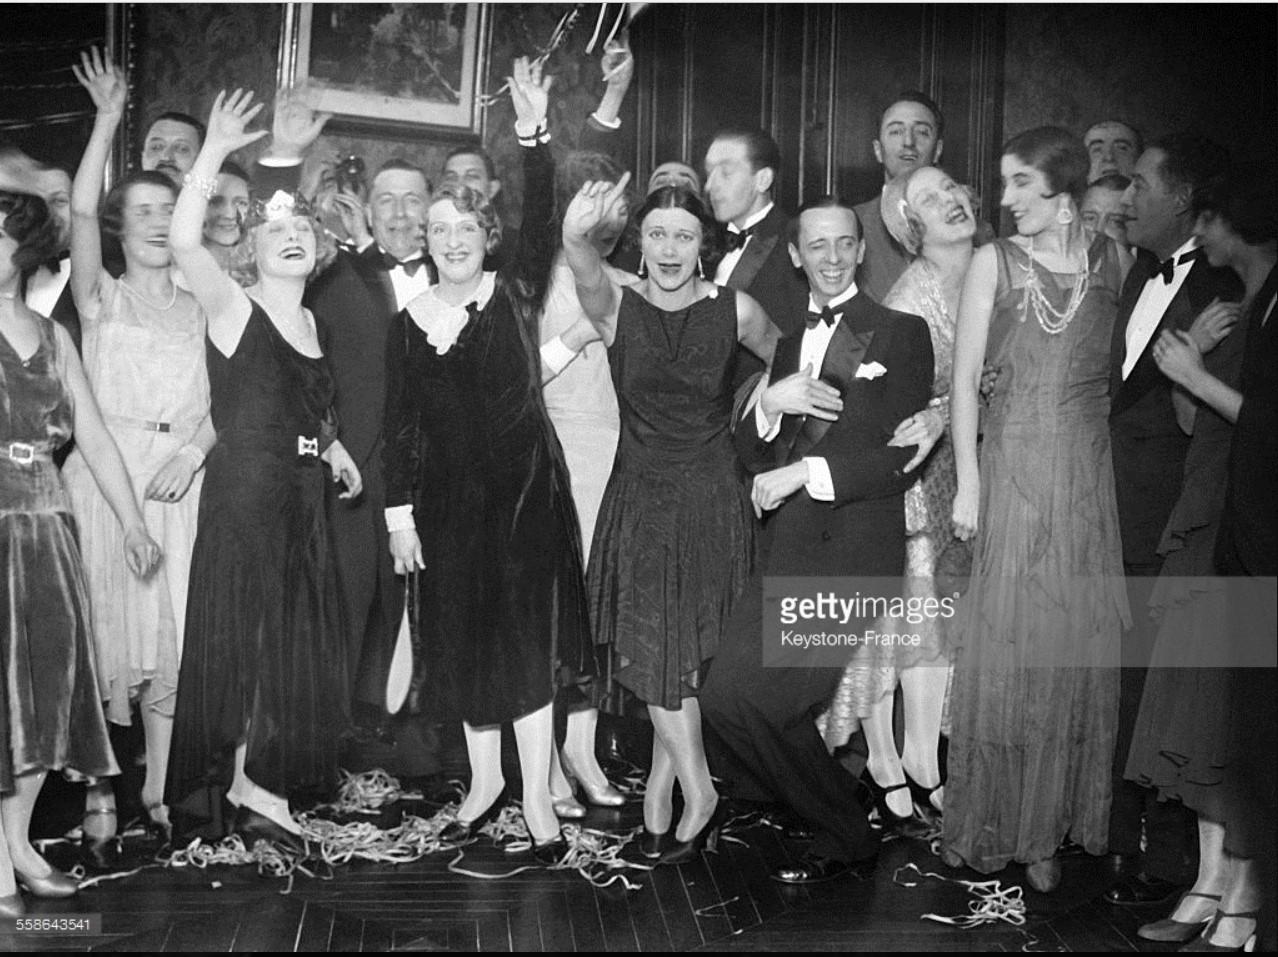 1929. Празднование Нового года в парижском кабаре 31 декабря